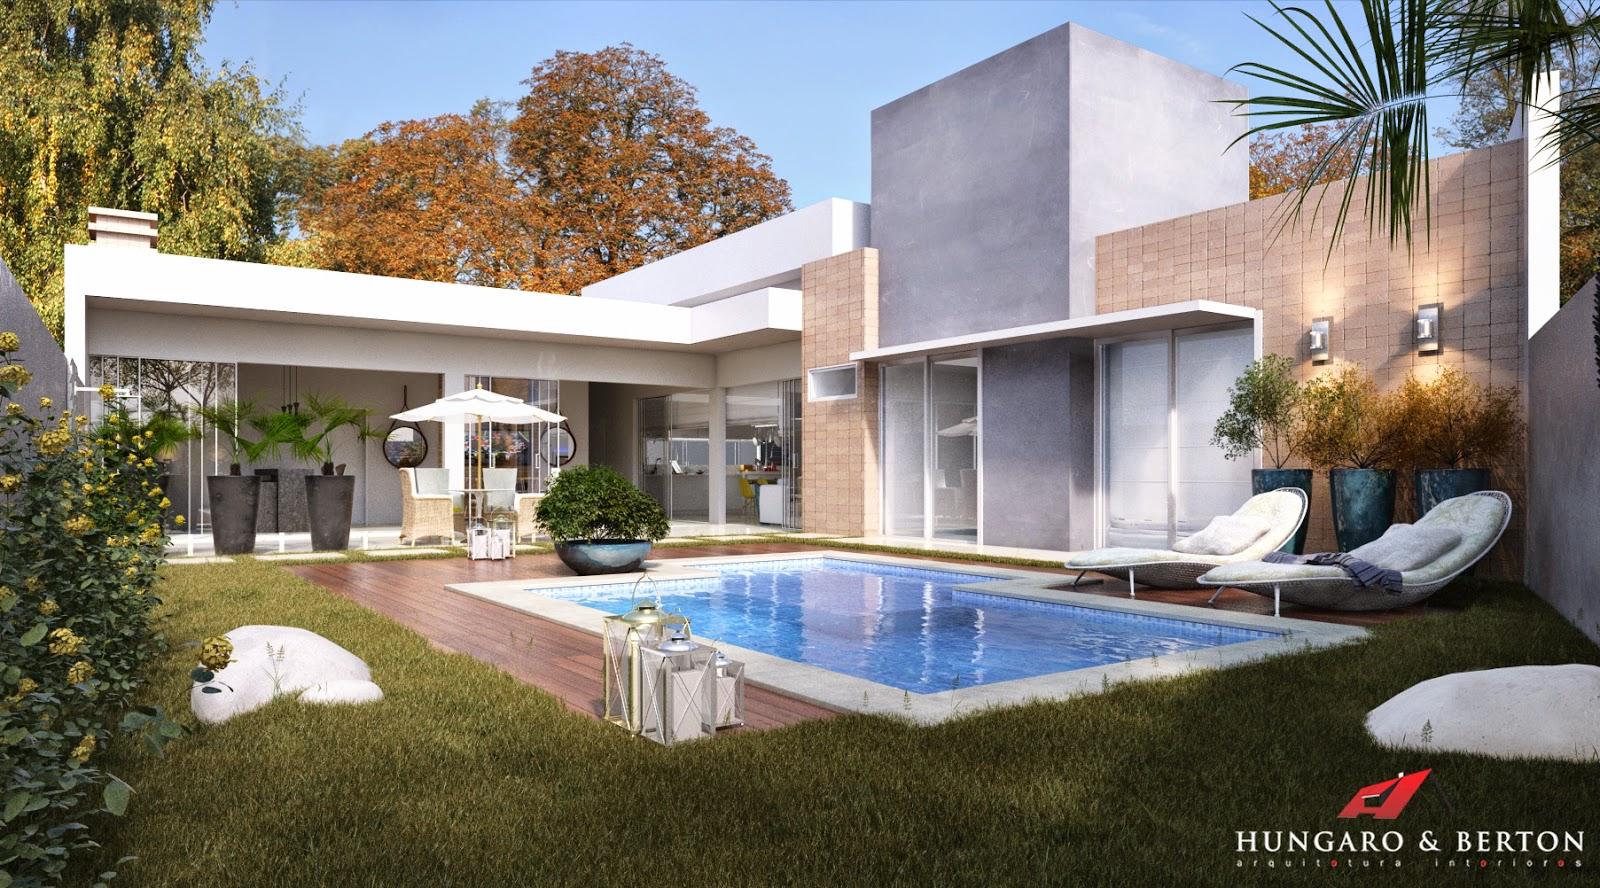 Arquitetura e Interiores: Cozinha Integrada Área de Lazer #1C5BAF 1600 888